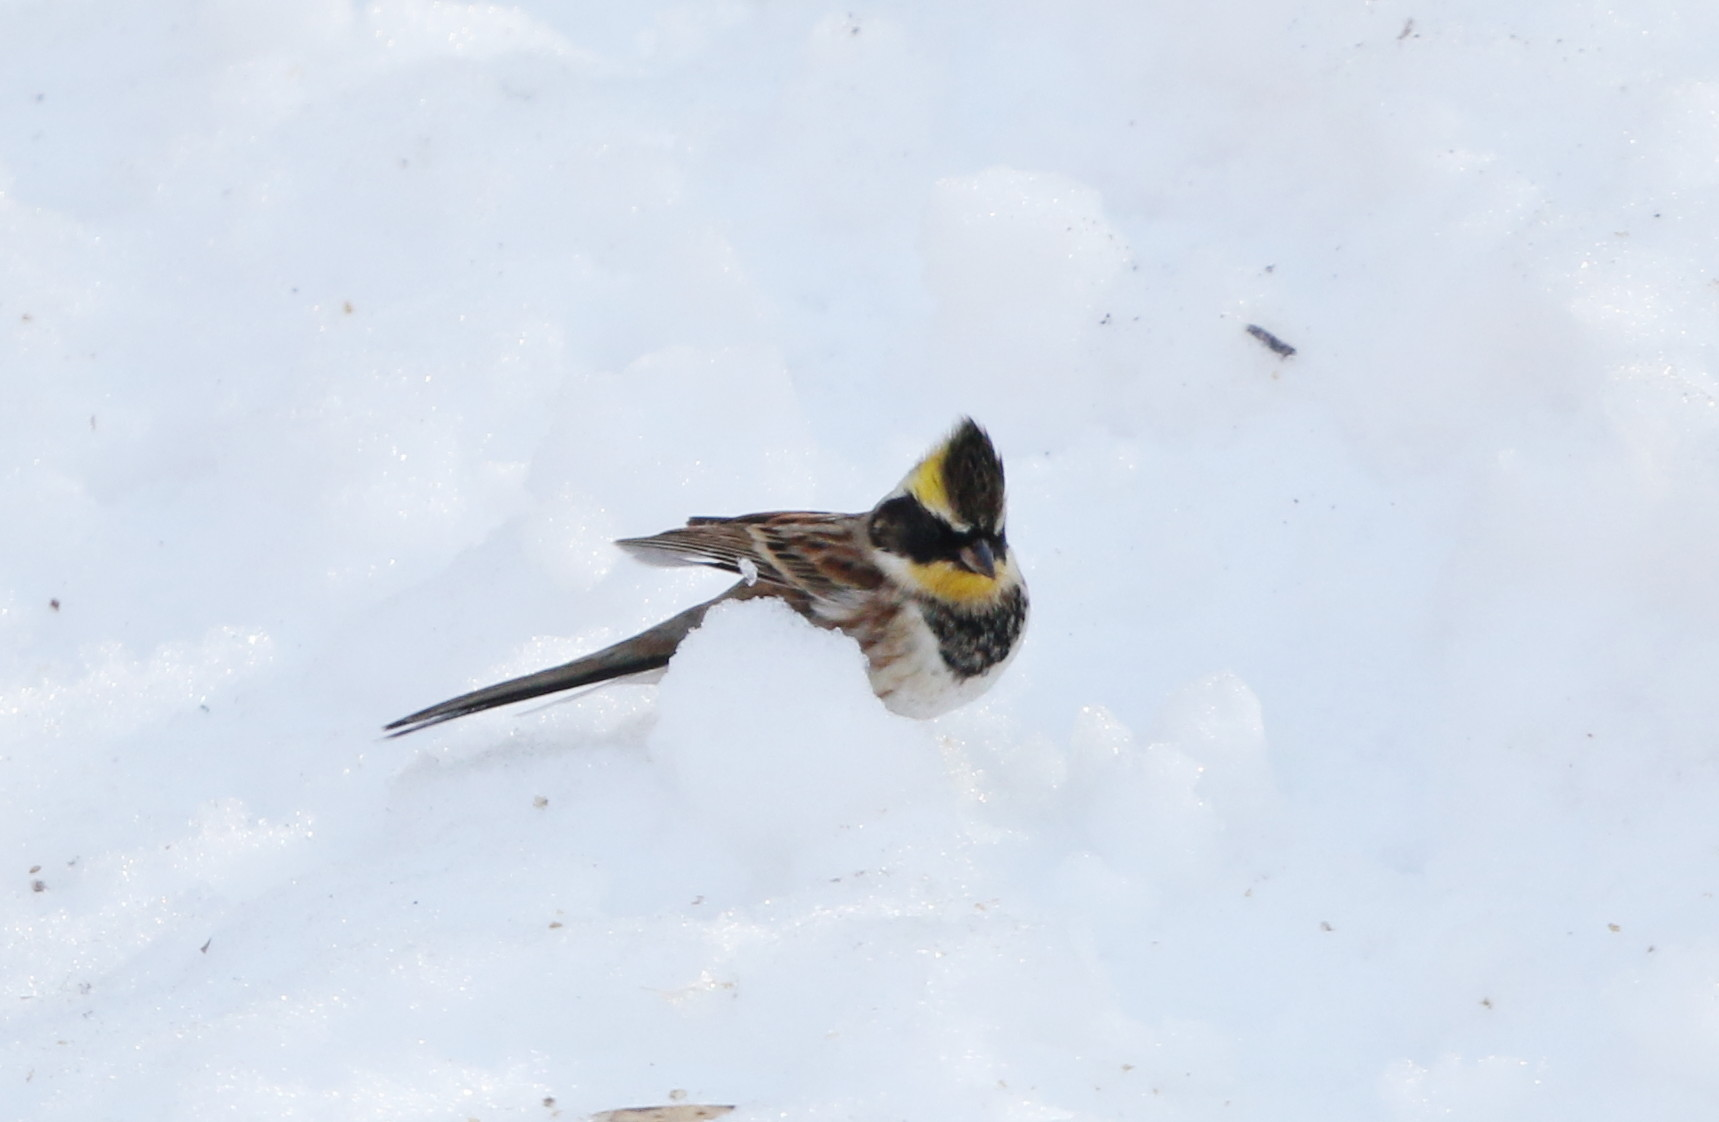 雪絡みのミヤマホオジロに逢いに_f0239515_1858645.jpg